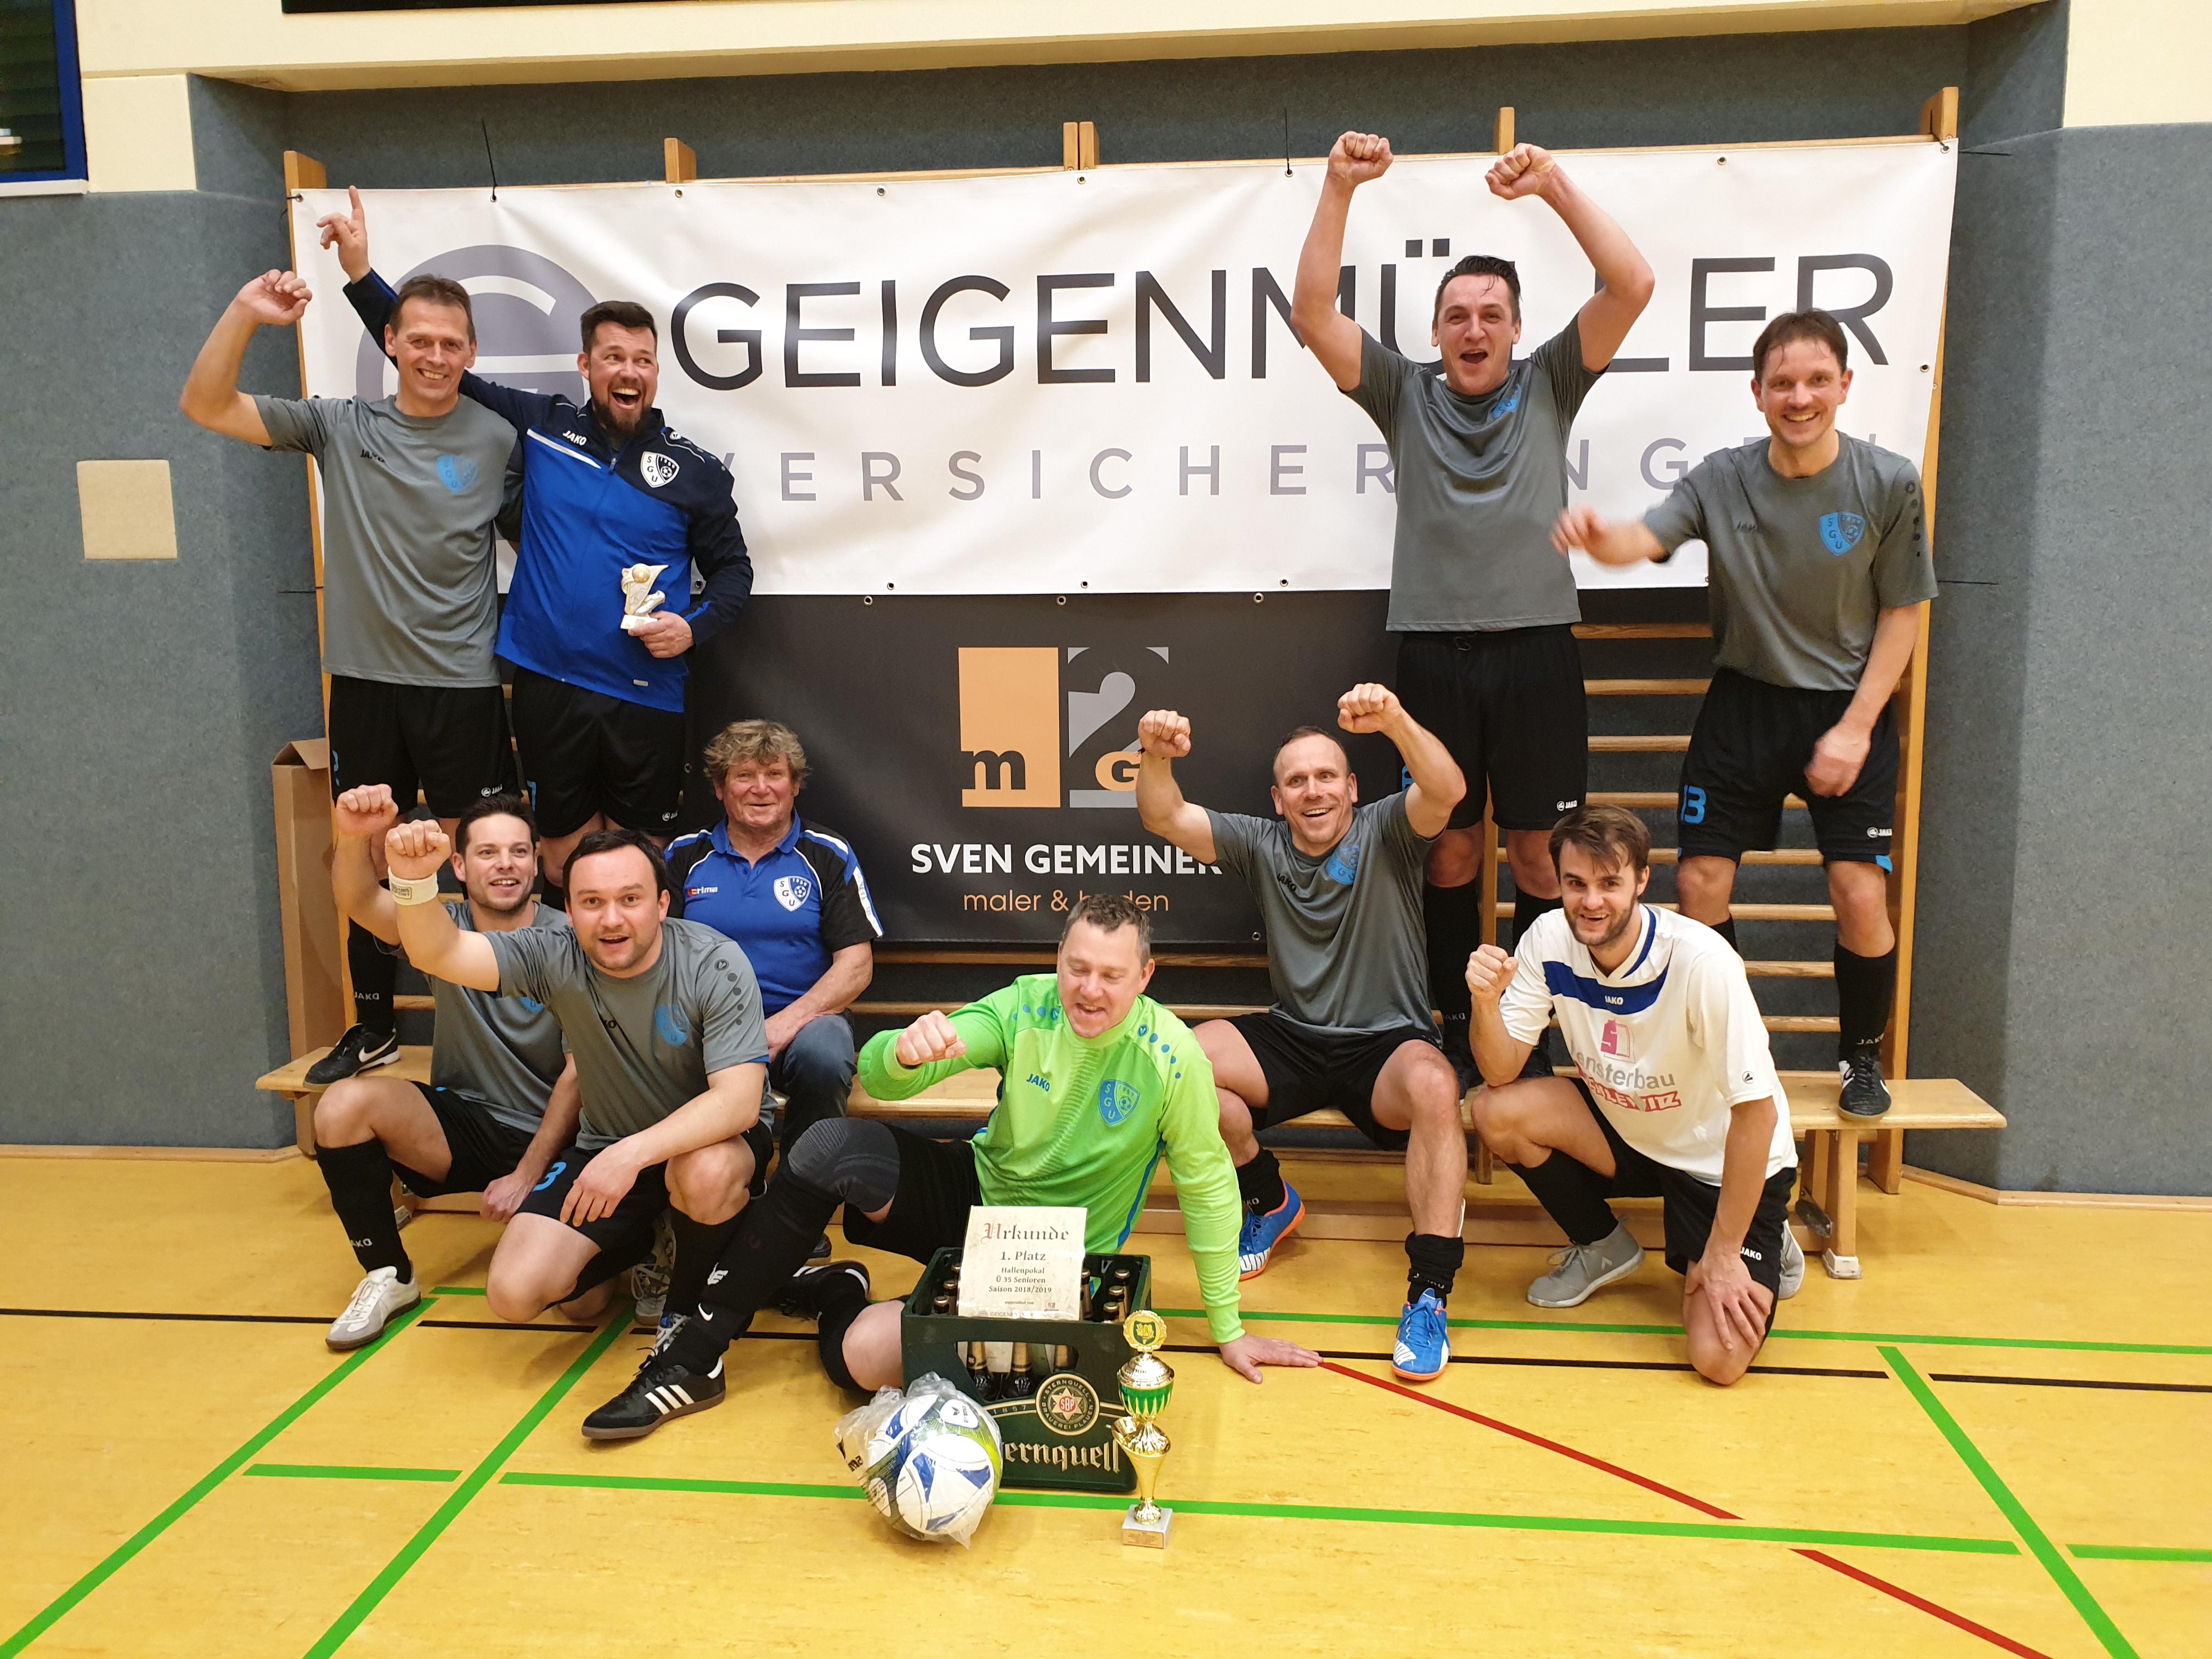 Hallenpokal Senioren Ü 35:  Entscheidung über Titel fällt wegen einem Tor